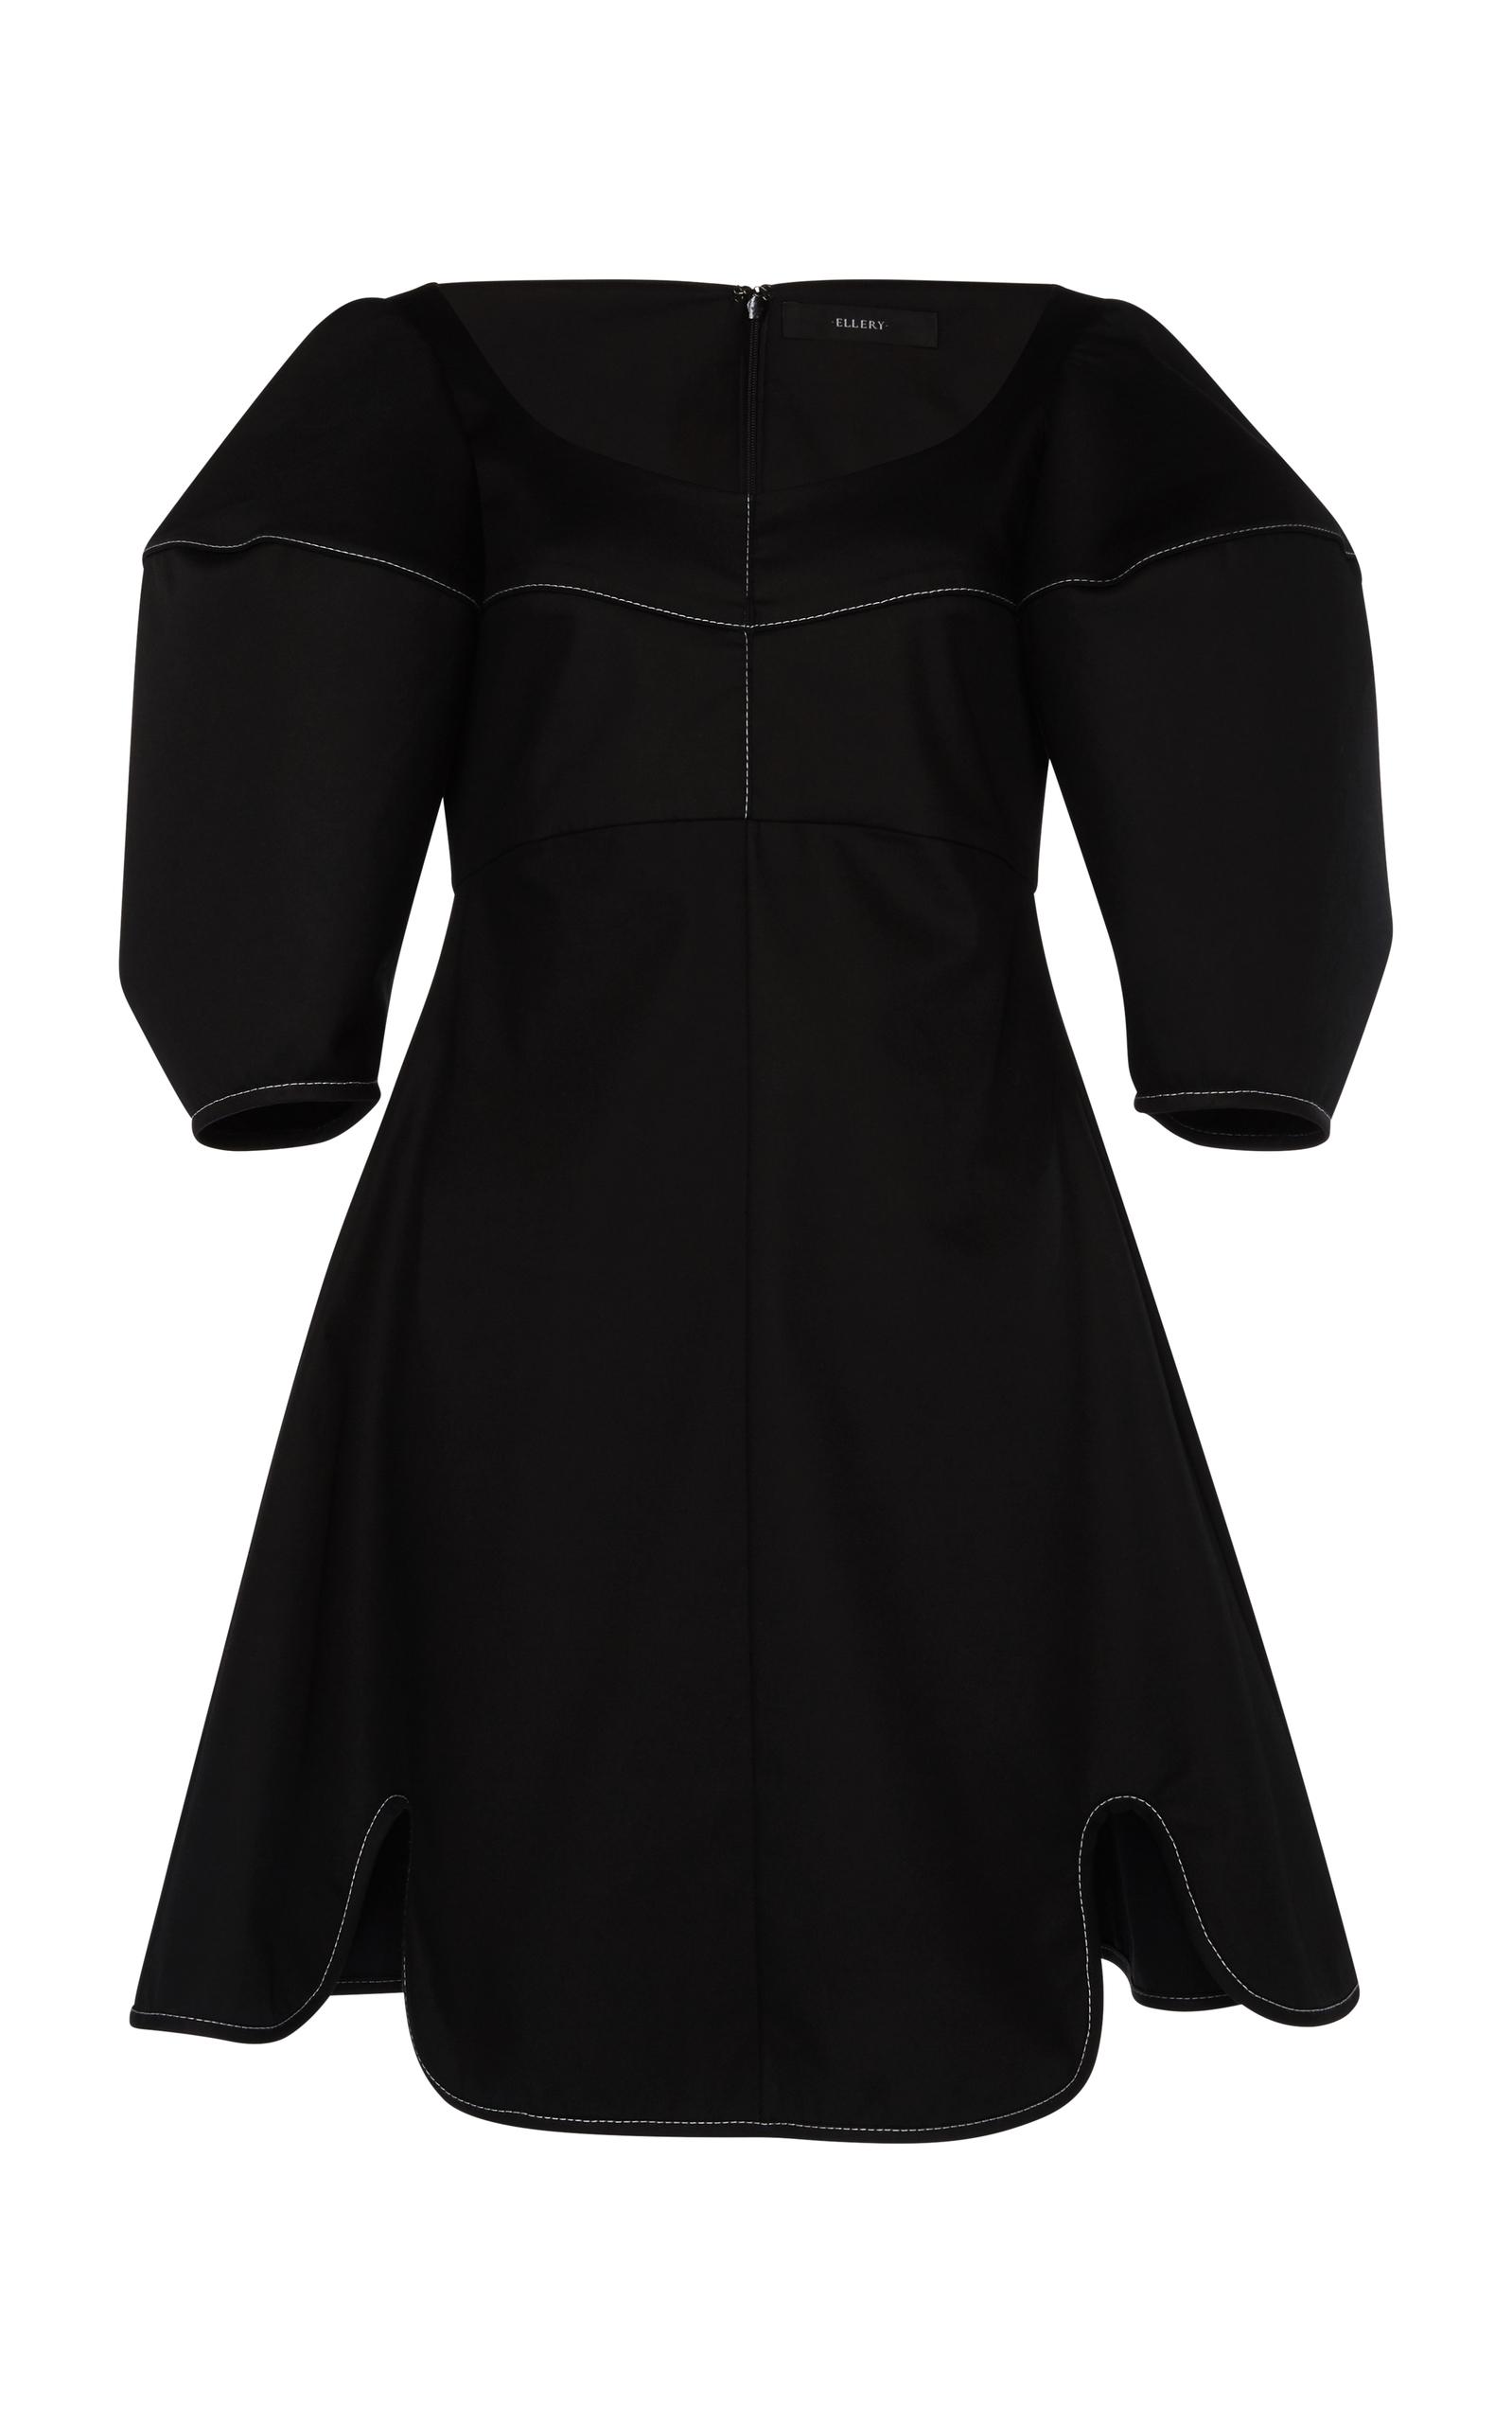 Utopian Contrast-Stitch Cotton-Twill Mini Dress, Black/White